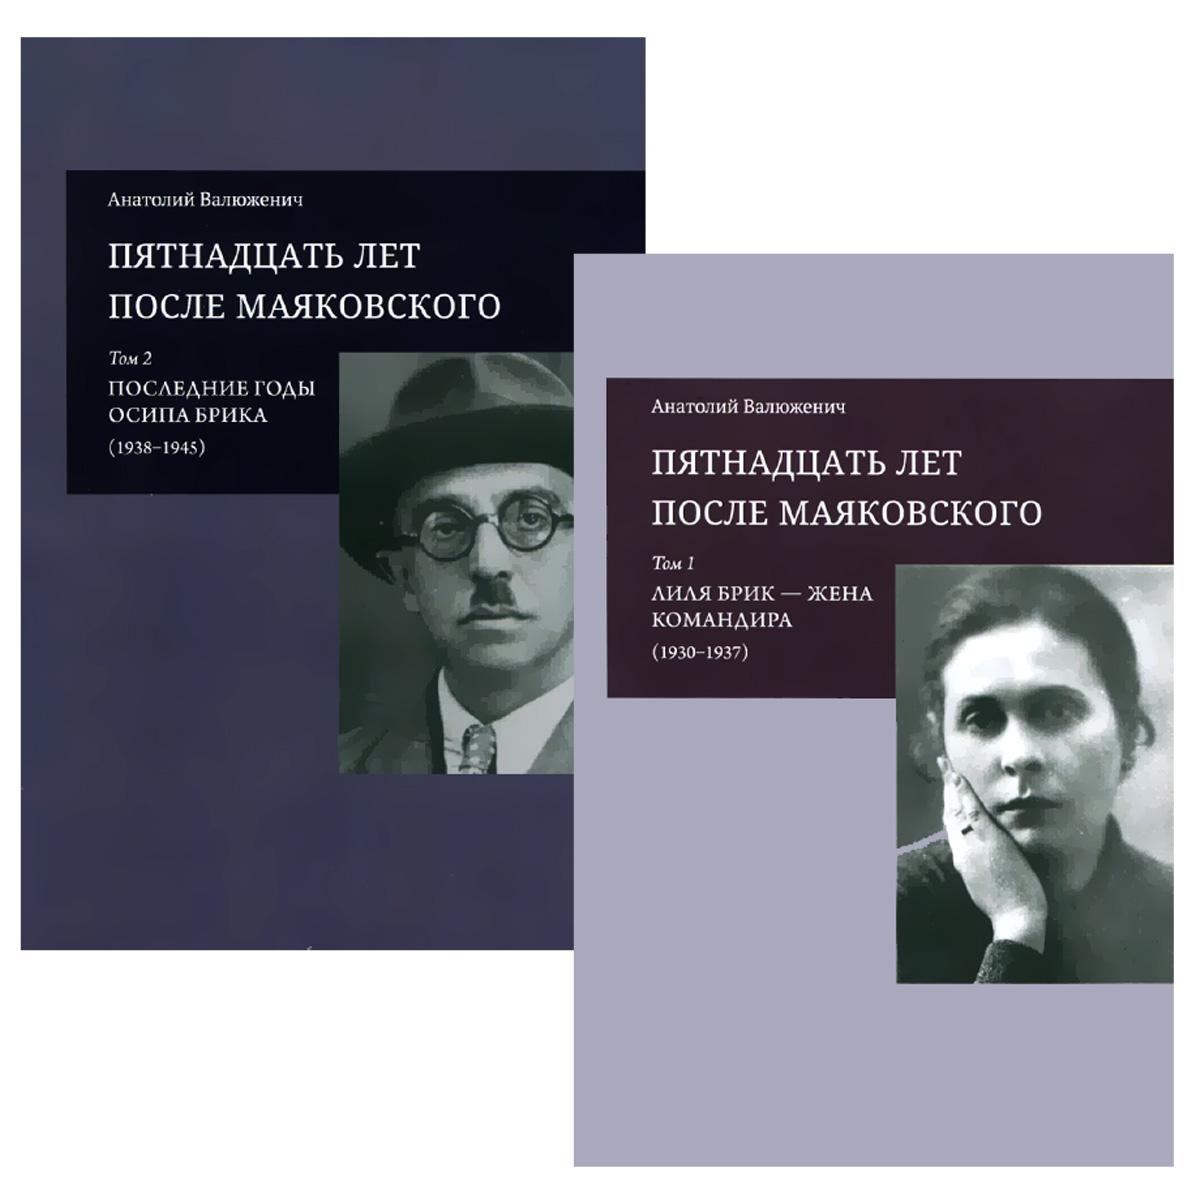 Анатолий Валюженич Пятнадцать лет после Маяковского. В 2 томах. (комплект из 2 книг)